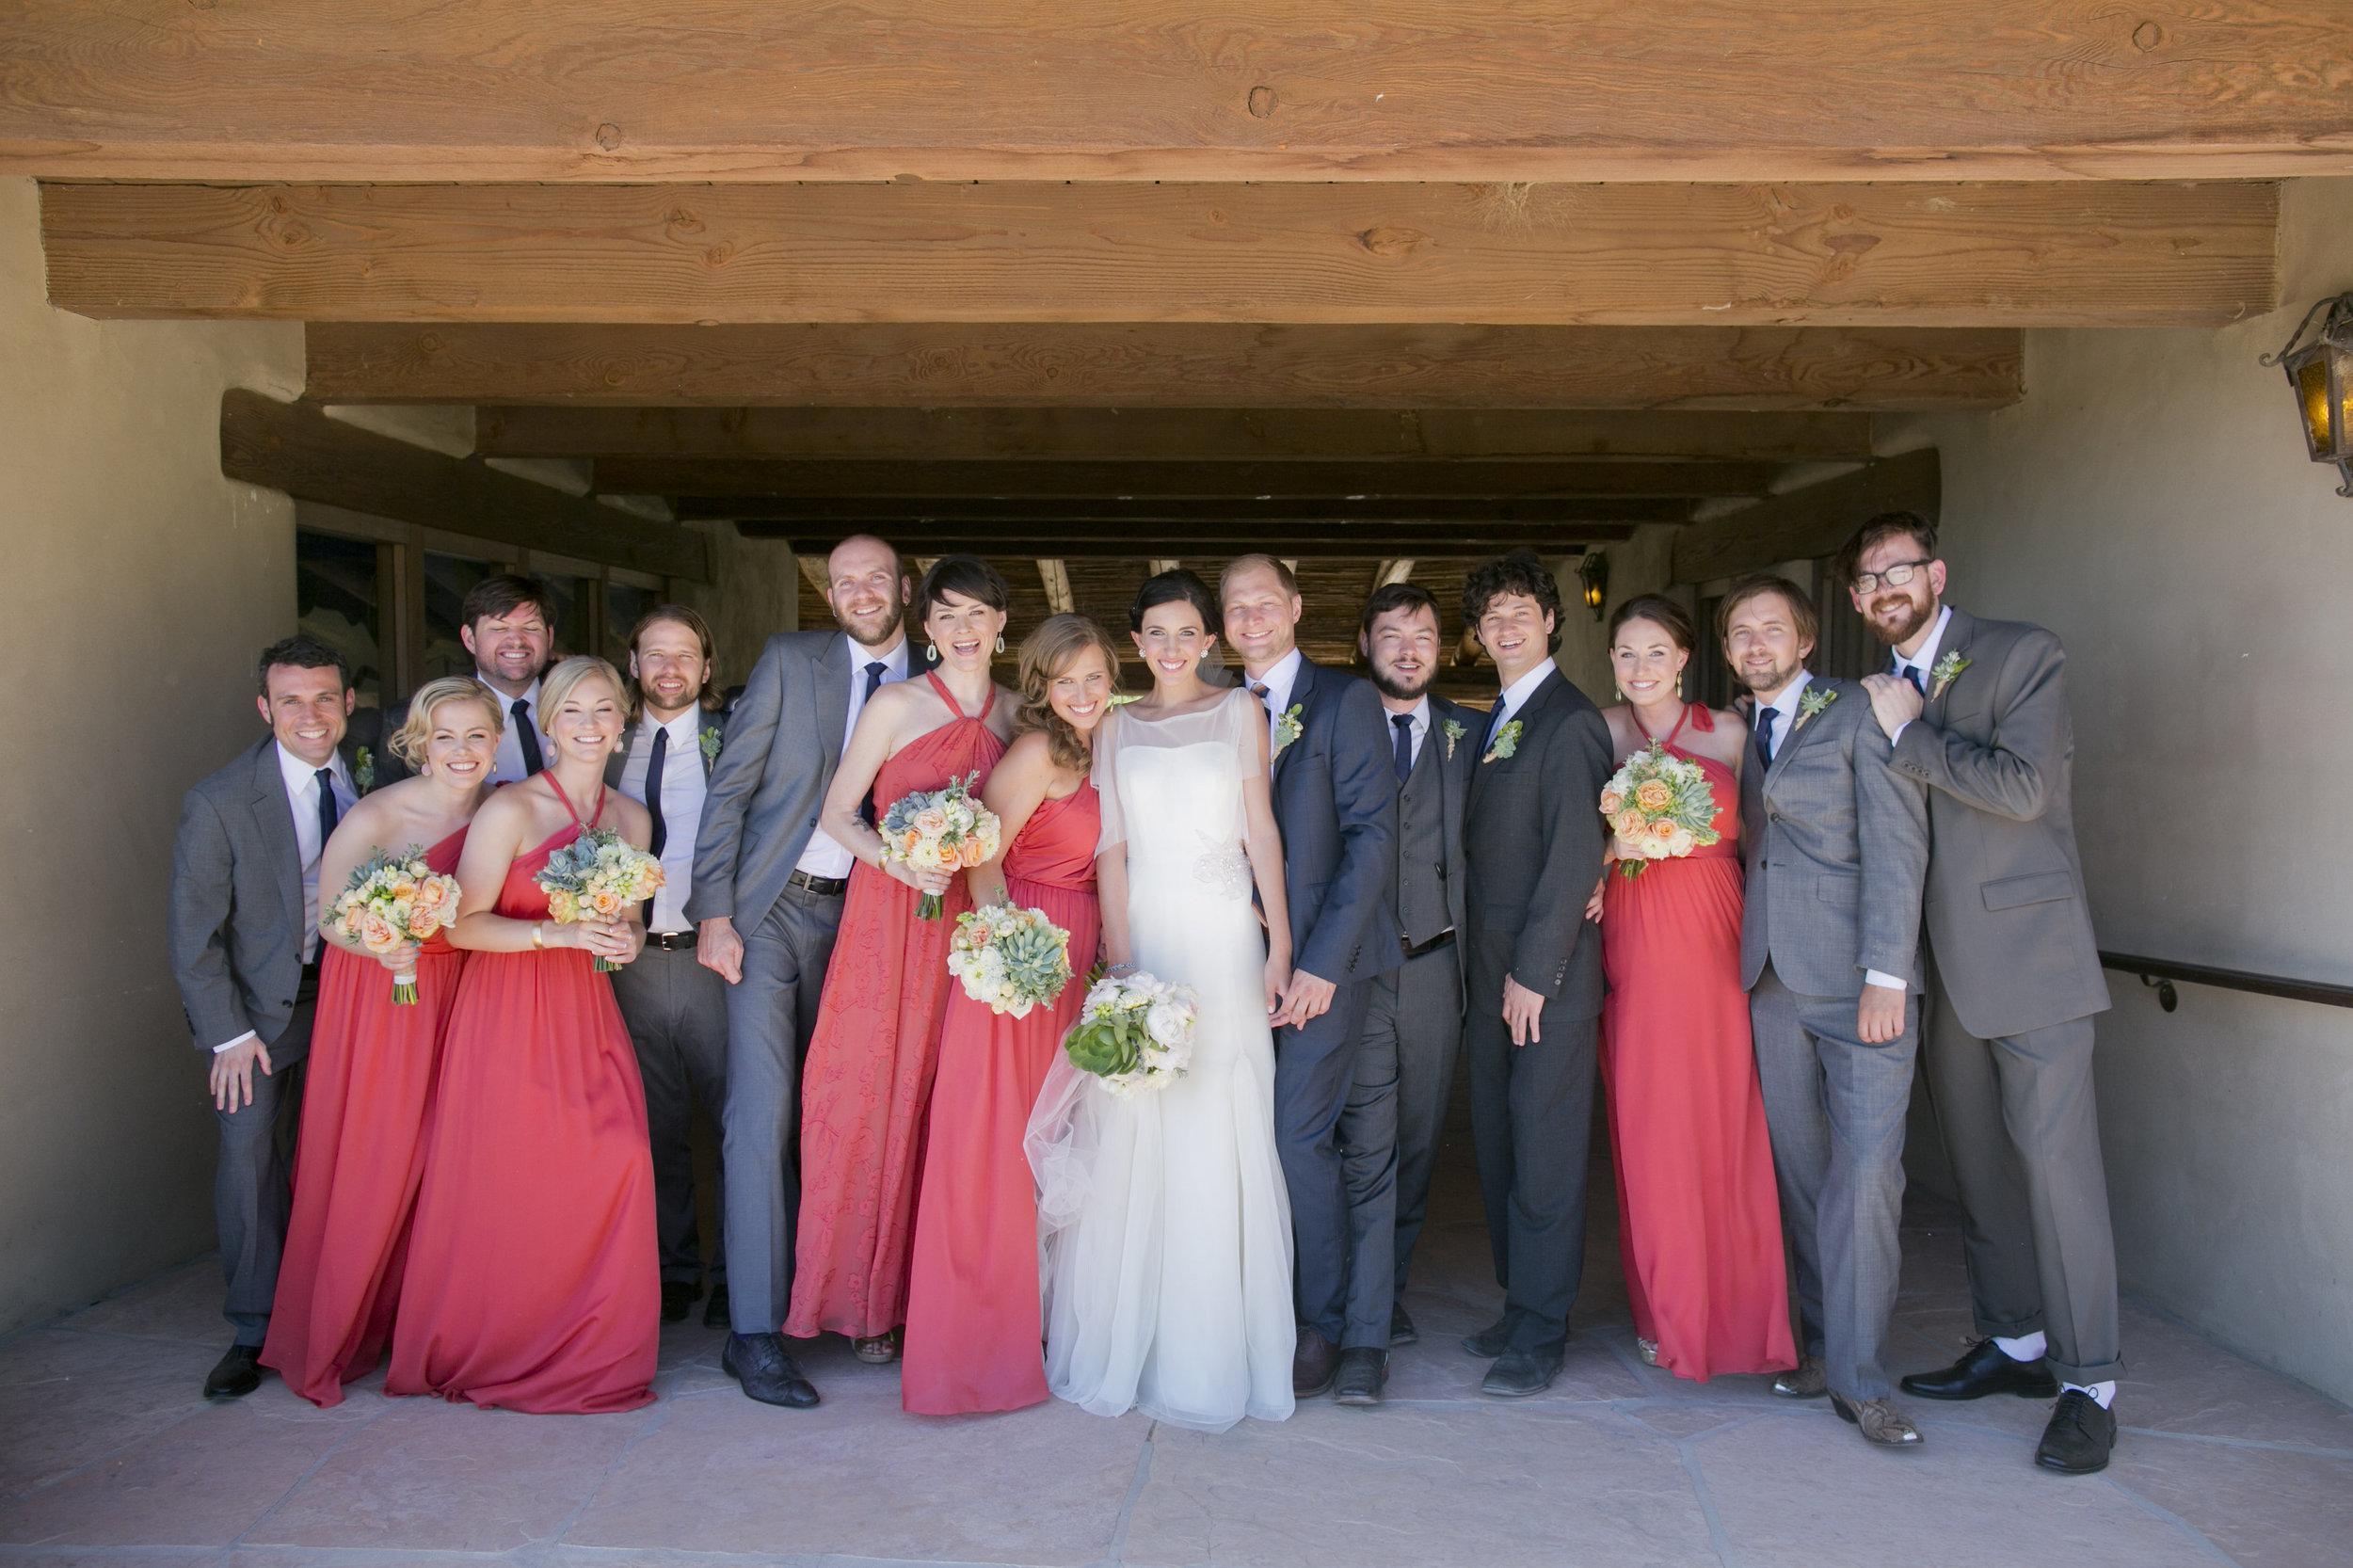 Ceci_New_York_Ceci_Style_Ceci_Johnson_Luxury_Lifestyle_Arizona_Wedding_Watercolor_Inspiration_Design_Custom_Couture_Personalized_Invitations_73.jpg